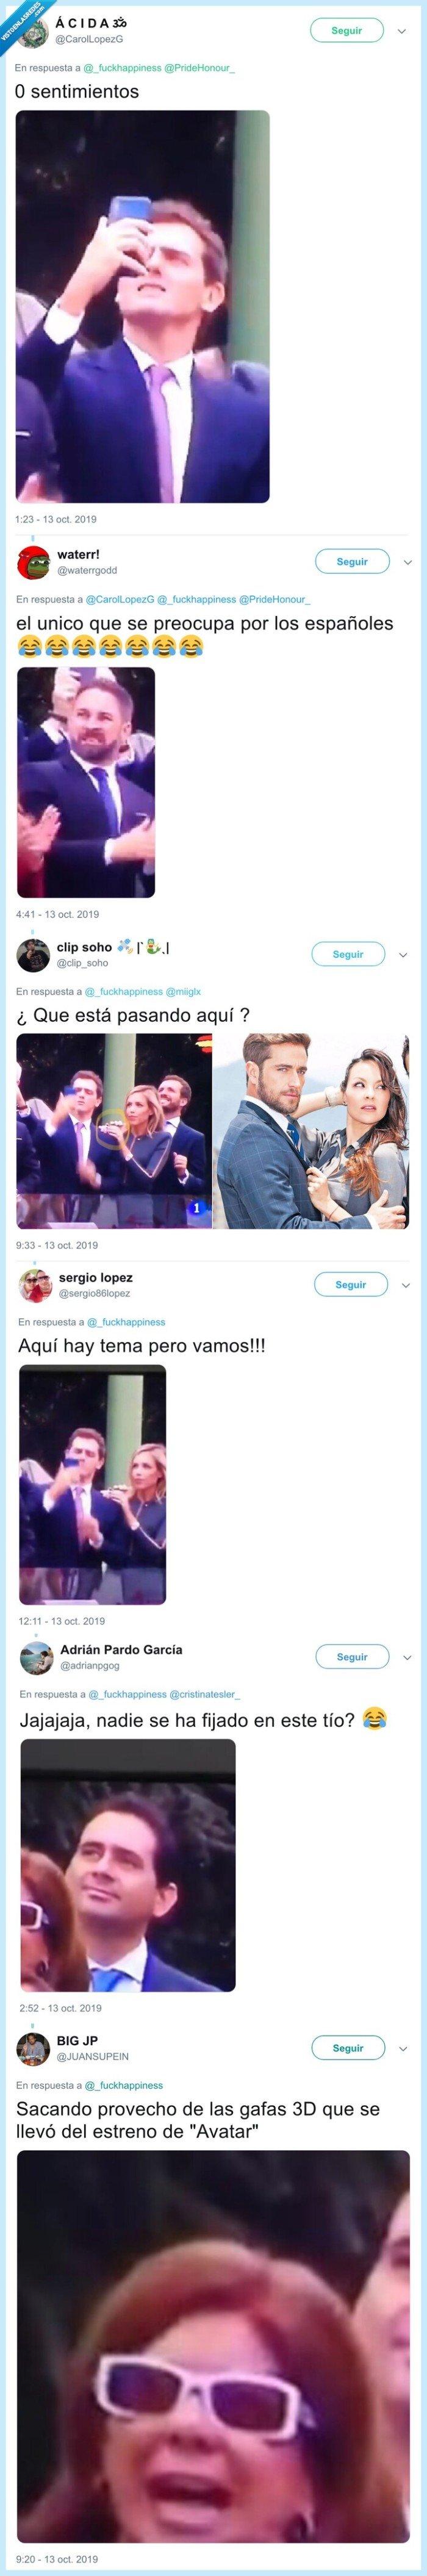 529278 - Cachondeo con el vídeo de Abascal, Rivera y Casado reaccionando al accidente del paracaidista